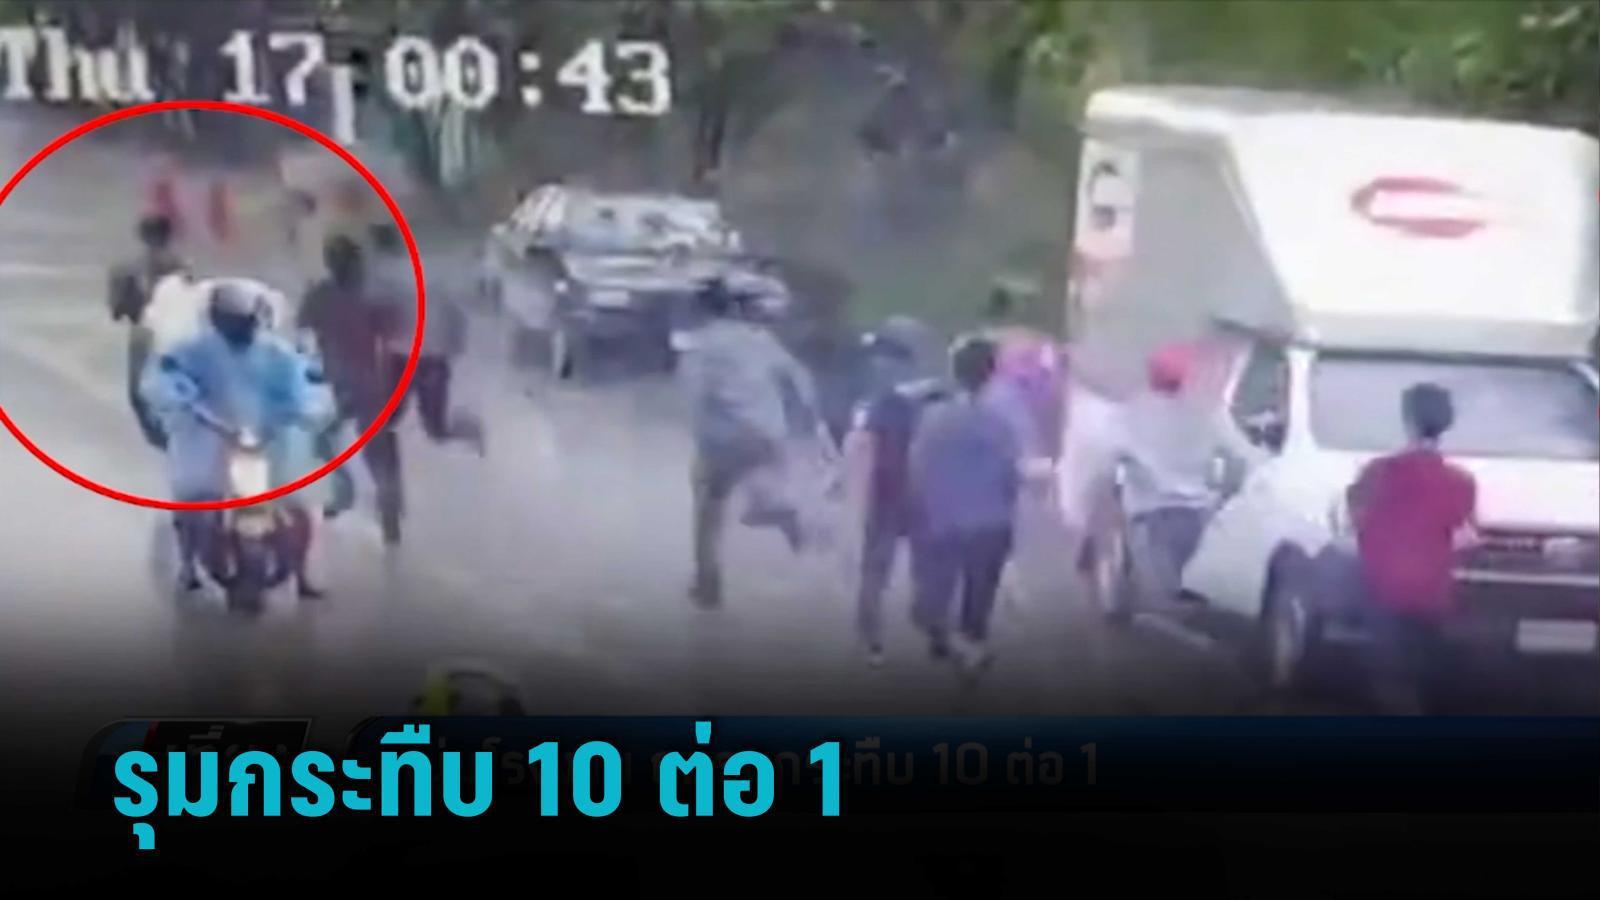 หนุ่มโรงงาน ถูกรุมกระทืบ 10 ต่อ 1 | เที่ยงทันข่าว